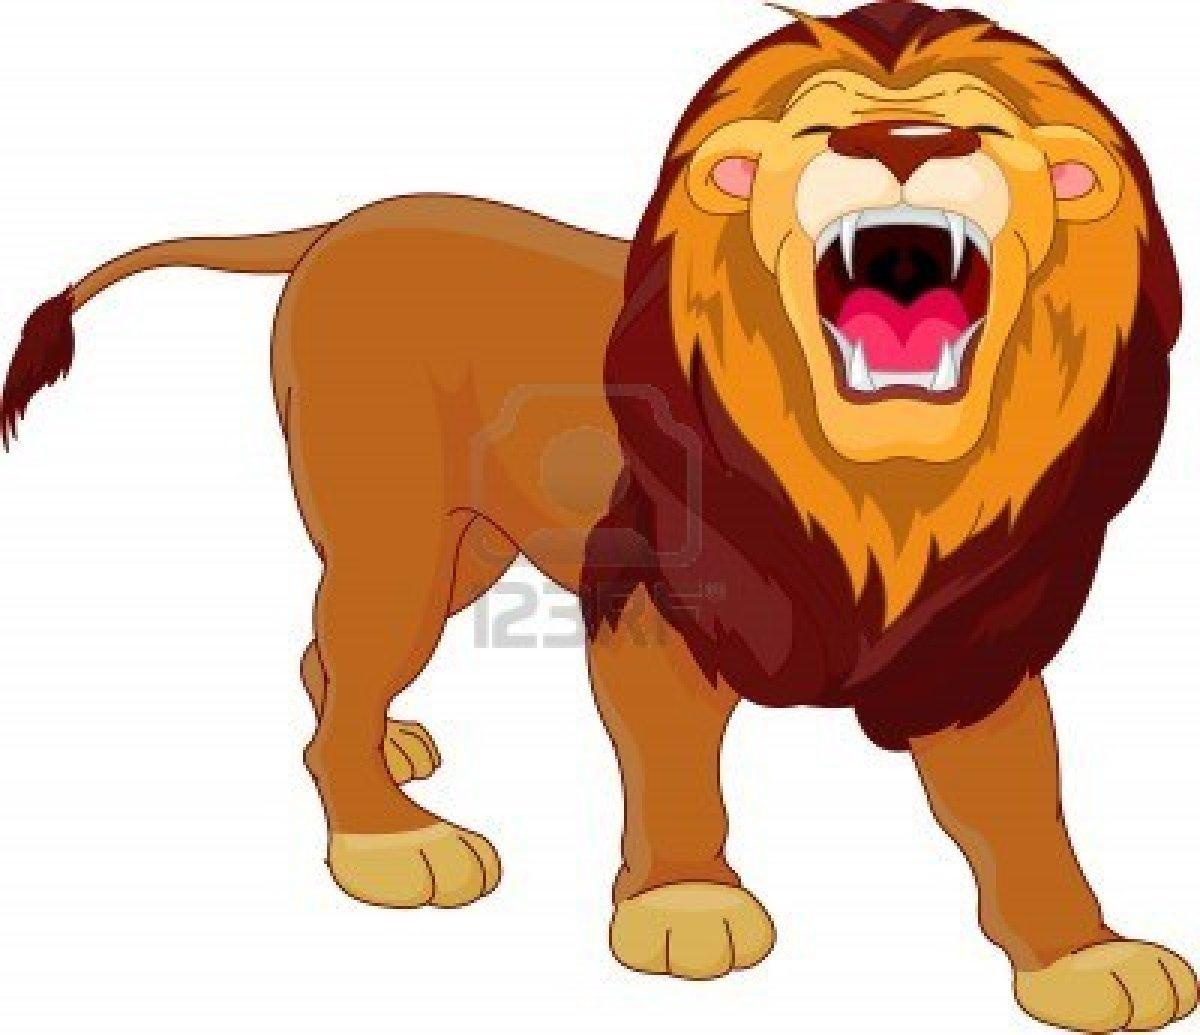 Dessins En Couleurs À Imprimer : Lion, Numéro : 203785 concernant Photo De Lion A Imprimer En Couleur